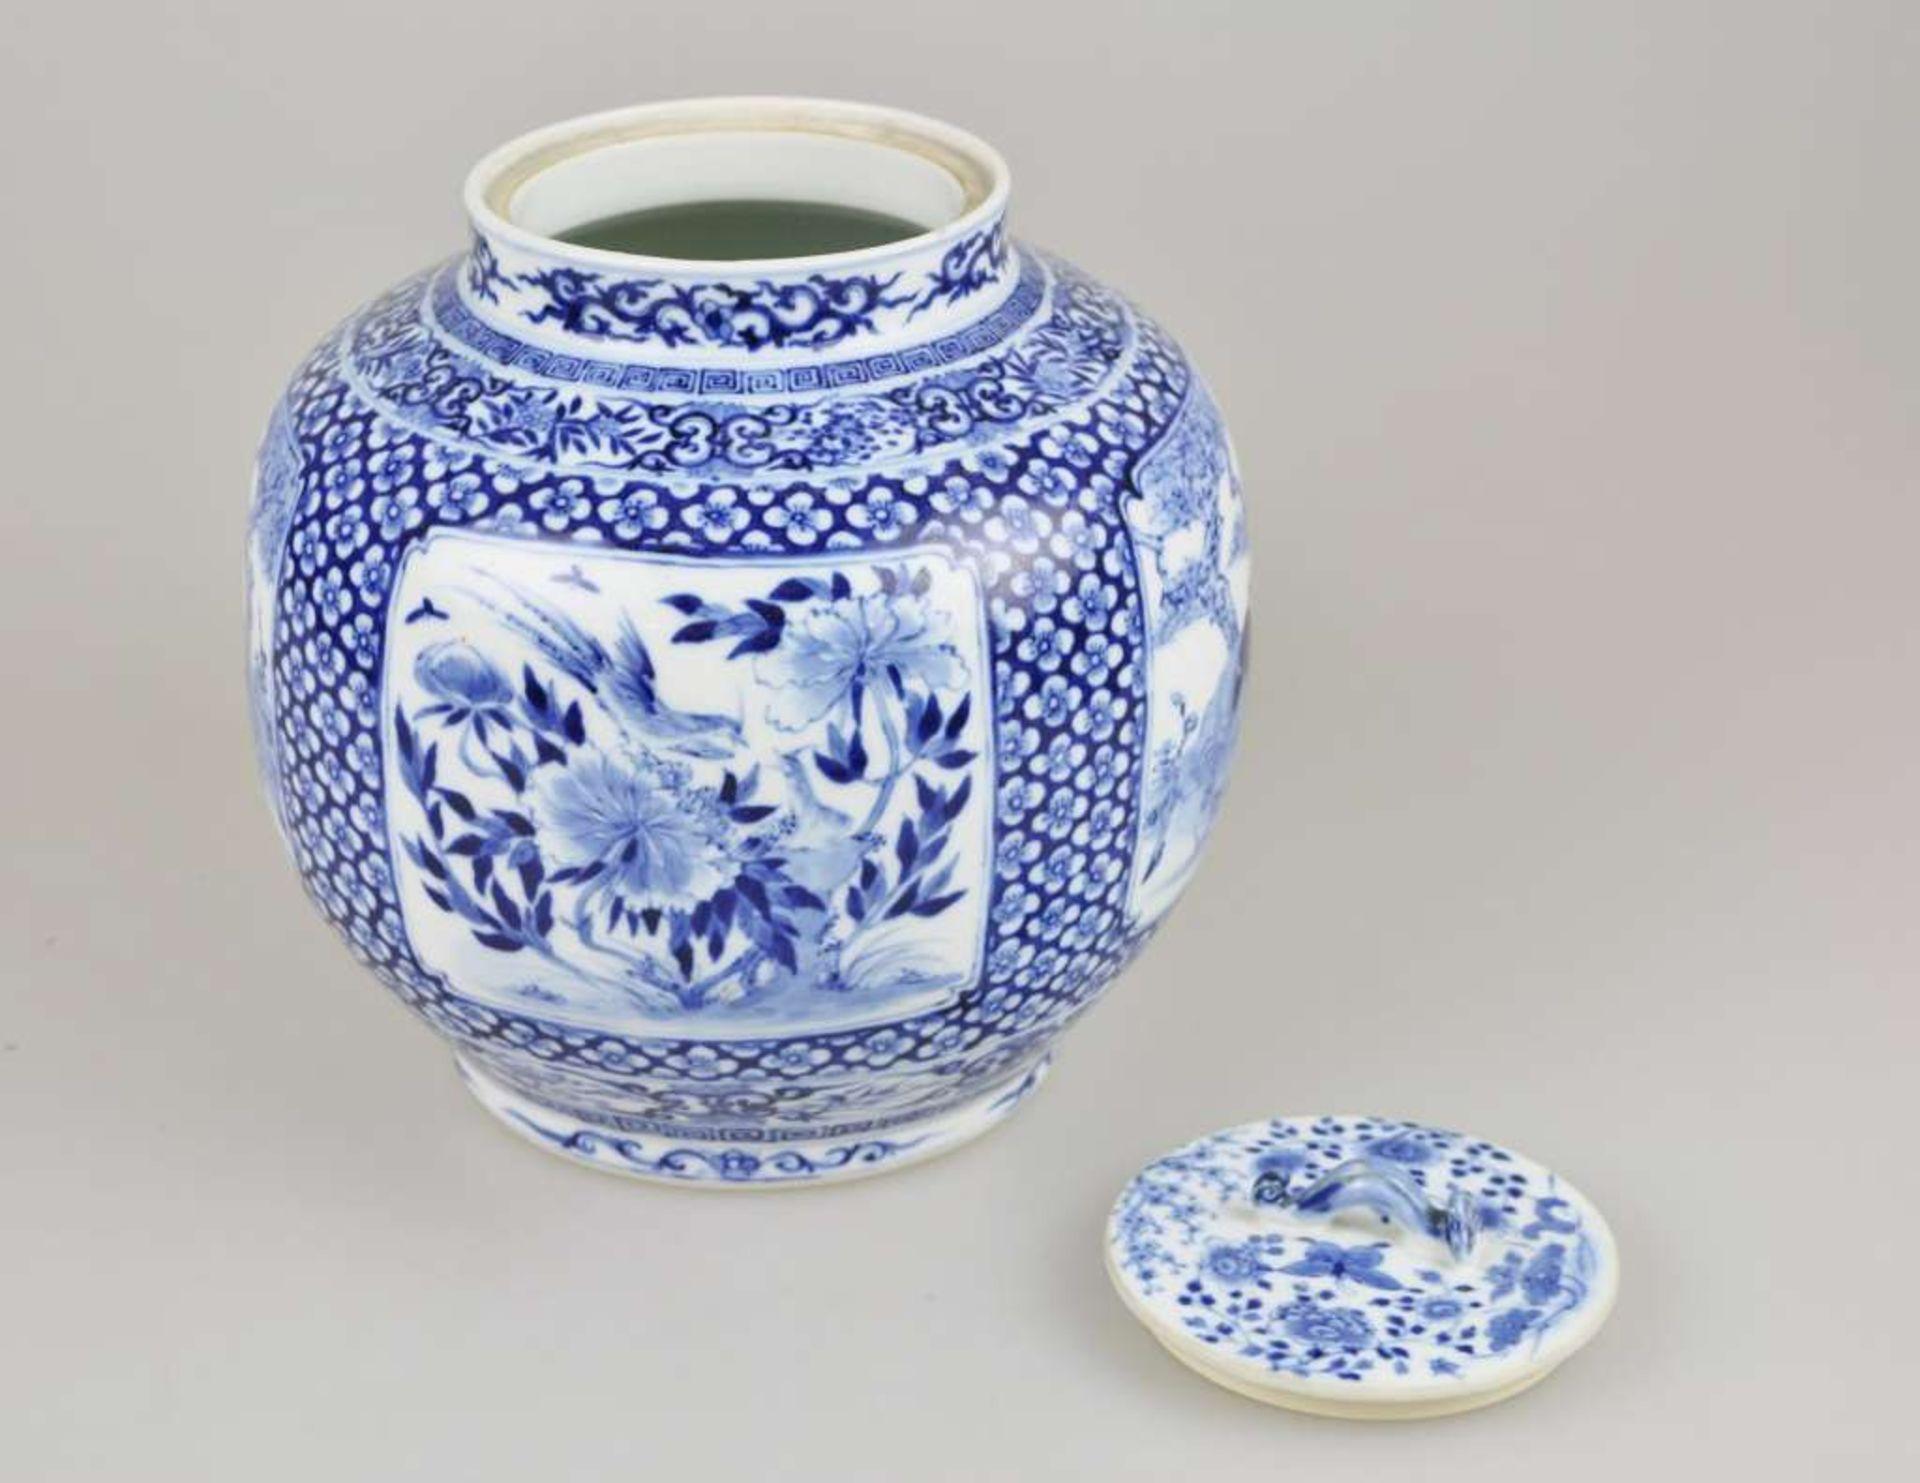 Großer Topf, China, Blau-Weiß mit Flachdeckel, Qing-Dynastie (1644-1911). Kugeliger, leicht g - Bild 3 aus 6